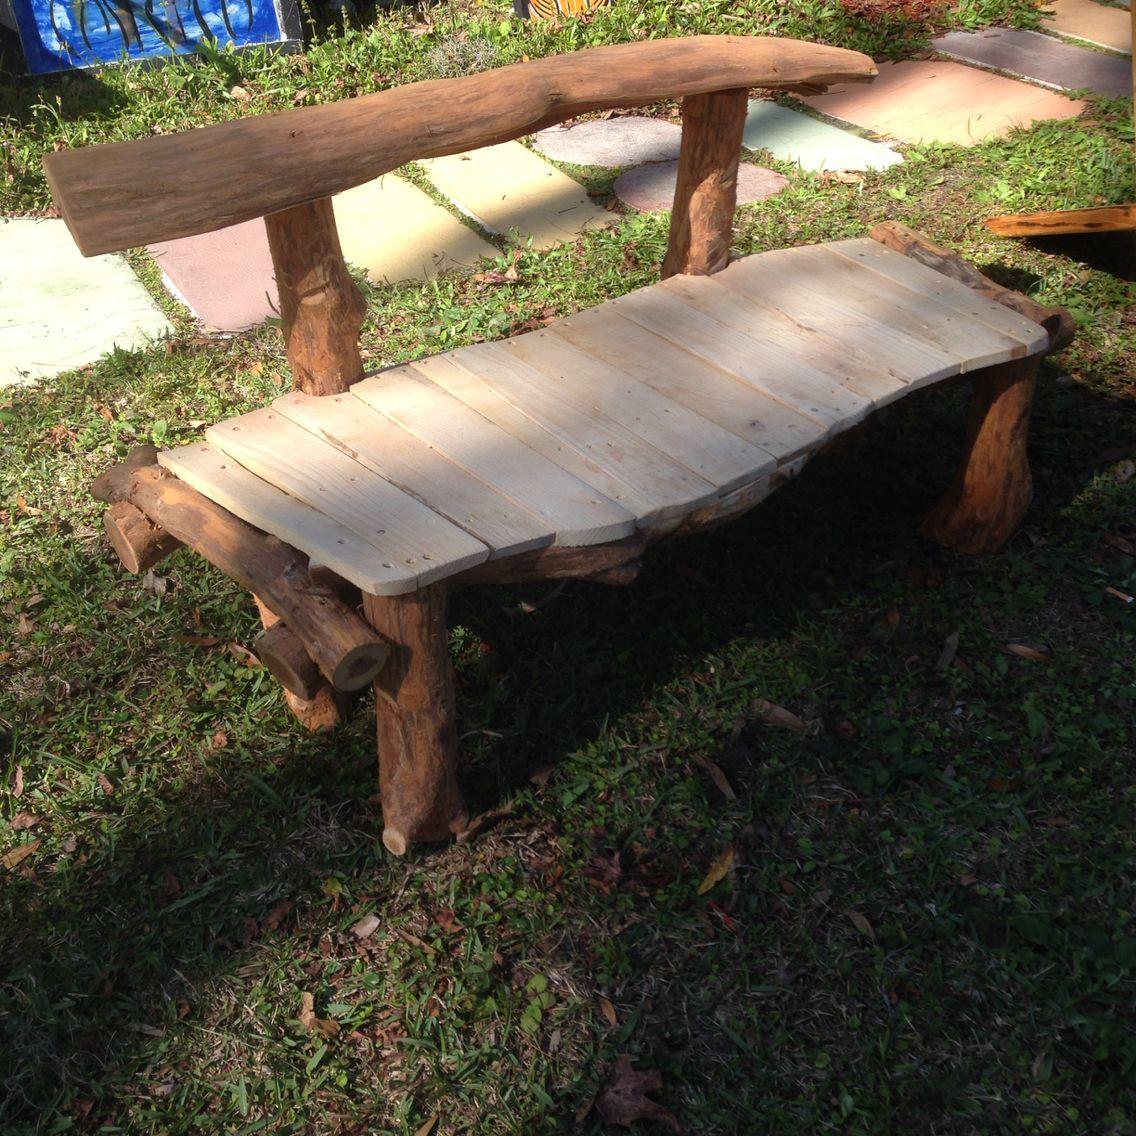 Remarkable Back To Bedrock Flintstones Rustic Low Level Garden Bench Uwap Interior Chair Design Uwaporg